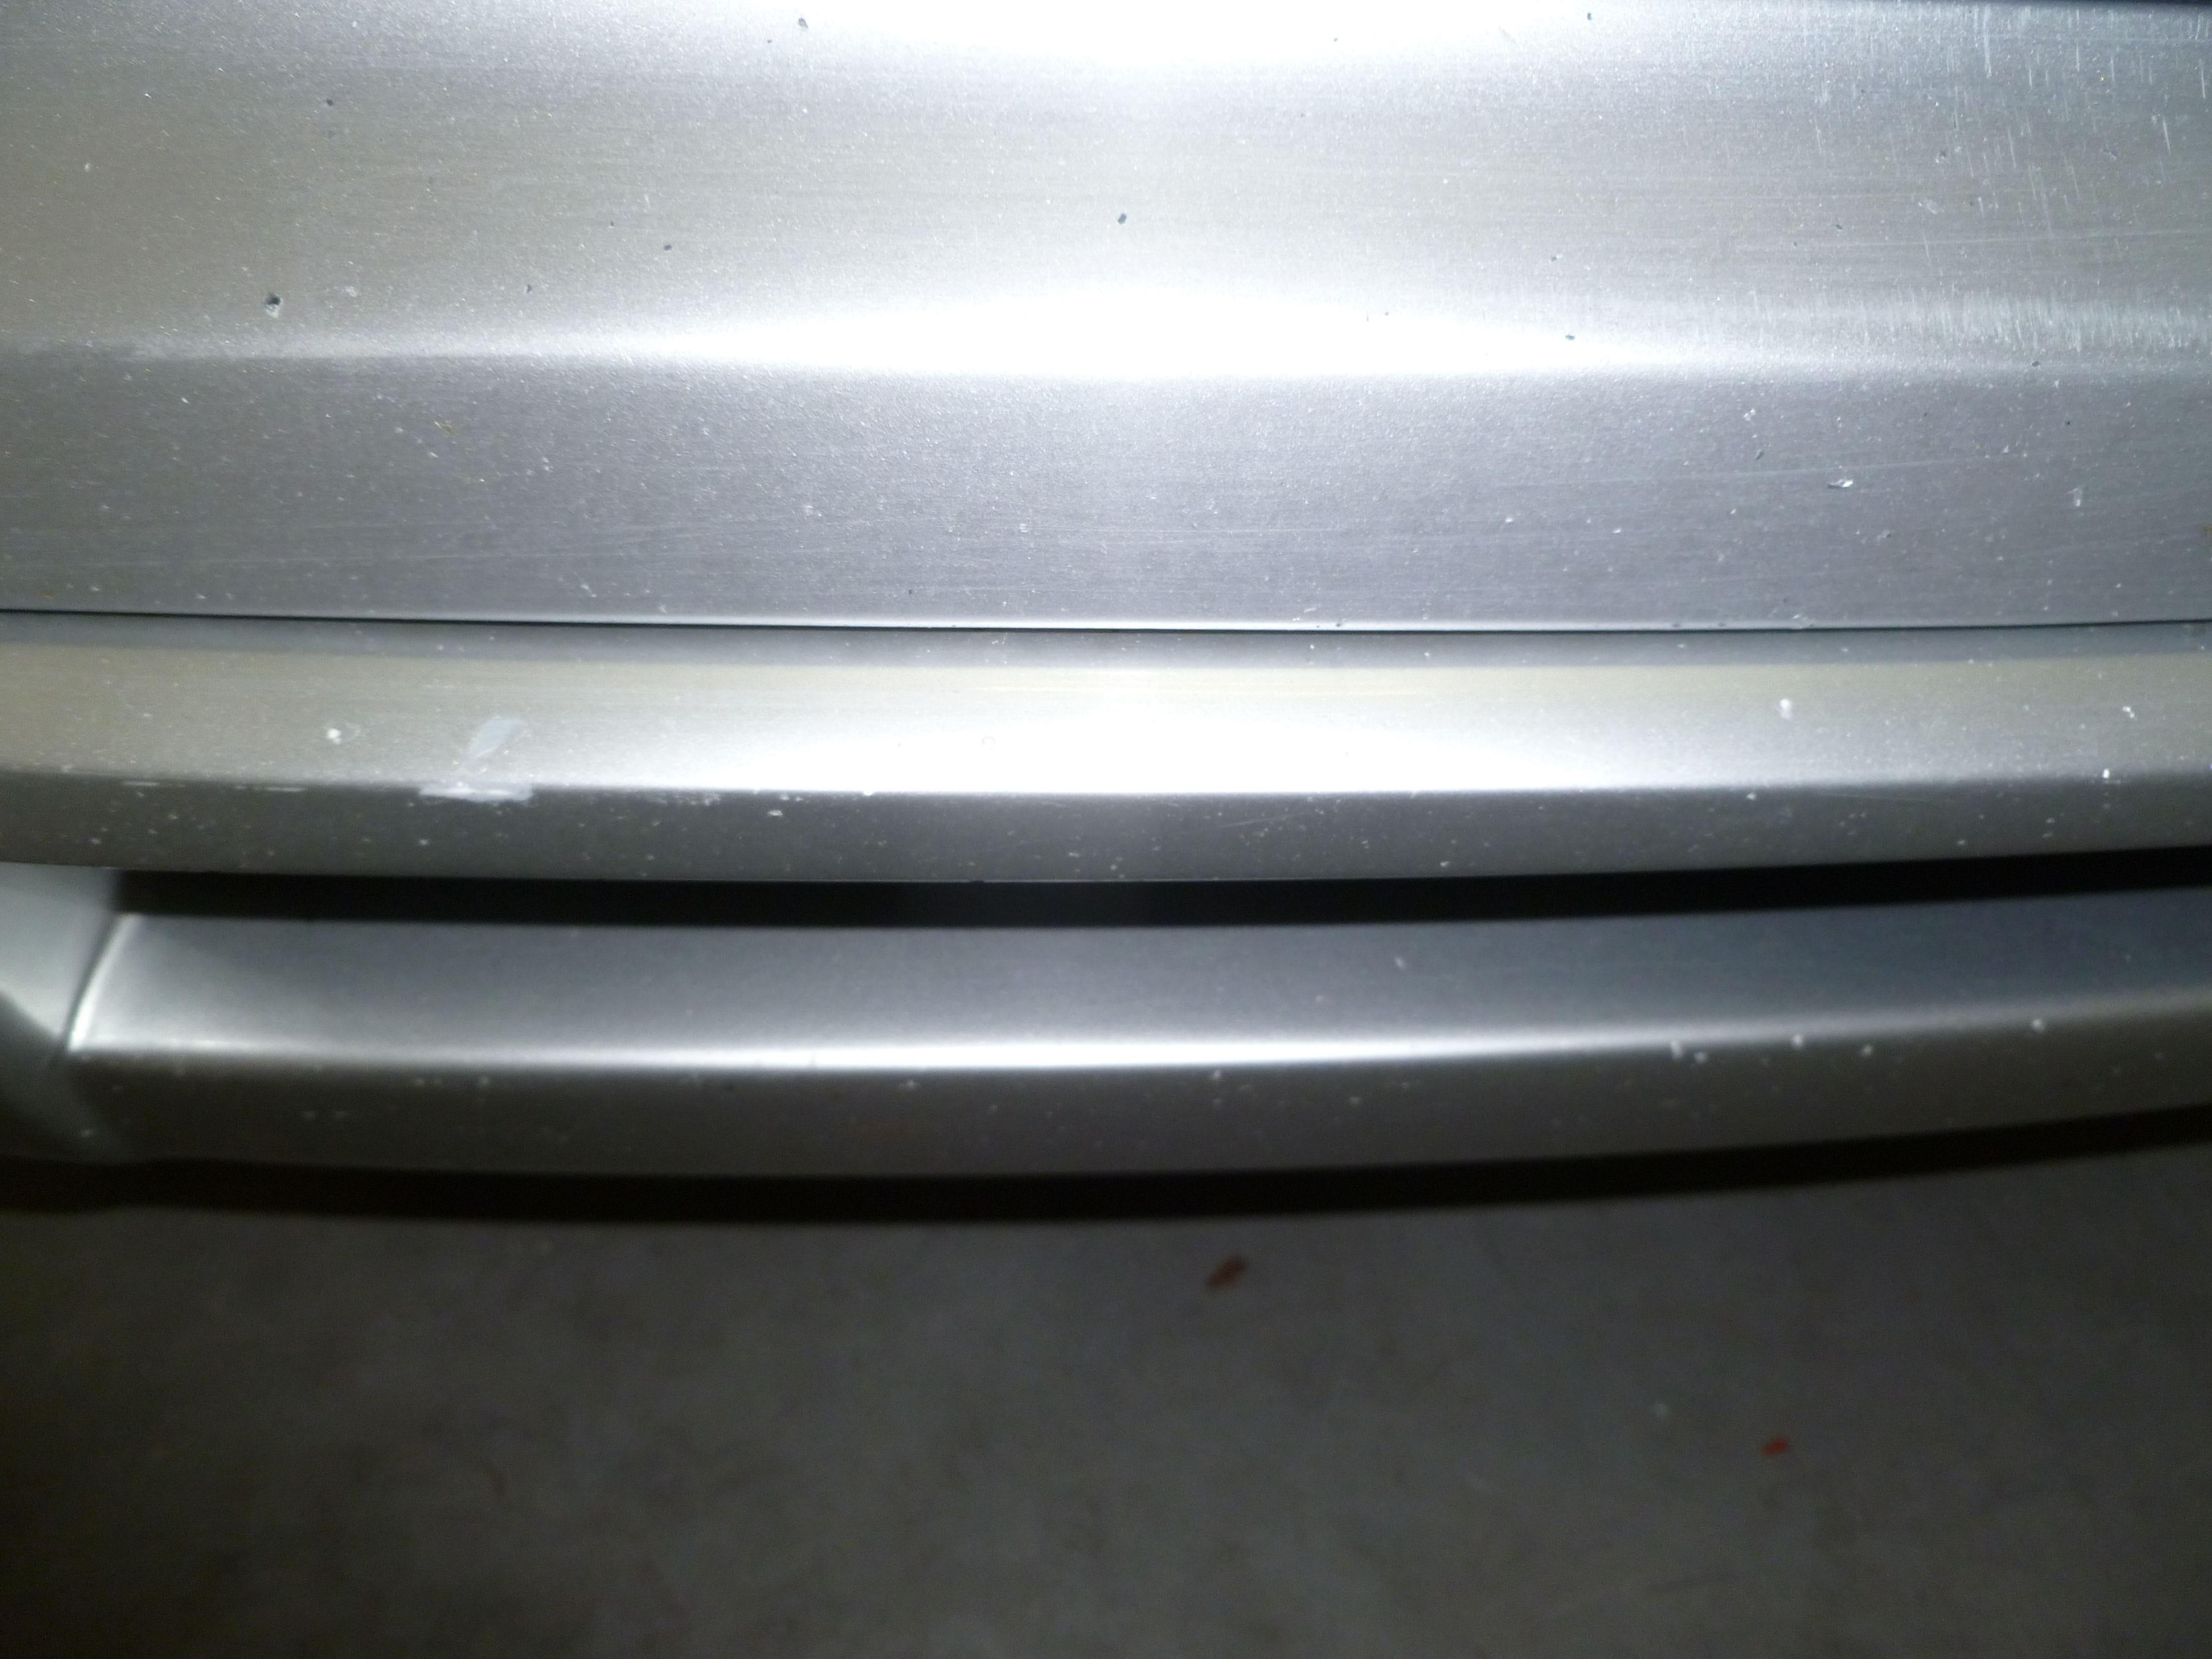 Audi Q7 met Mat Witte Wrap, Carwrapping door Wrapmyride.nu Foto-nr:4937, ©2021